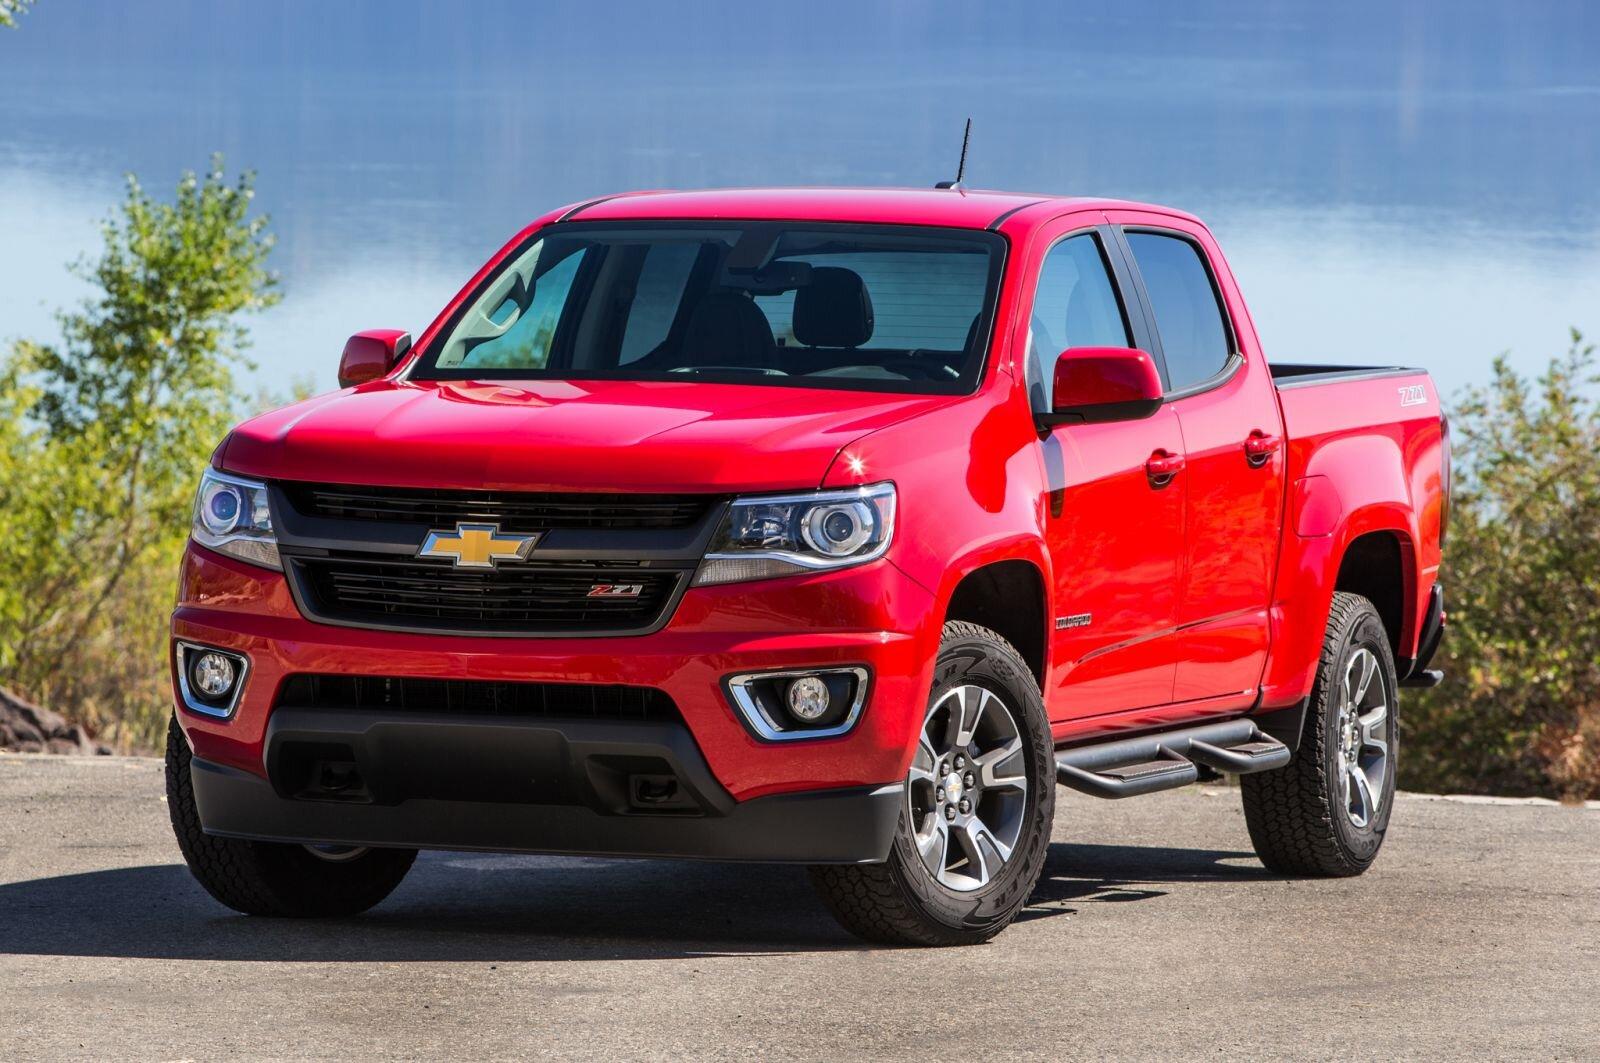 Lịch lãm, đẳng cấp với chiếc xe bán tải Chevrolet Colorado